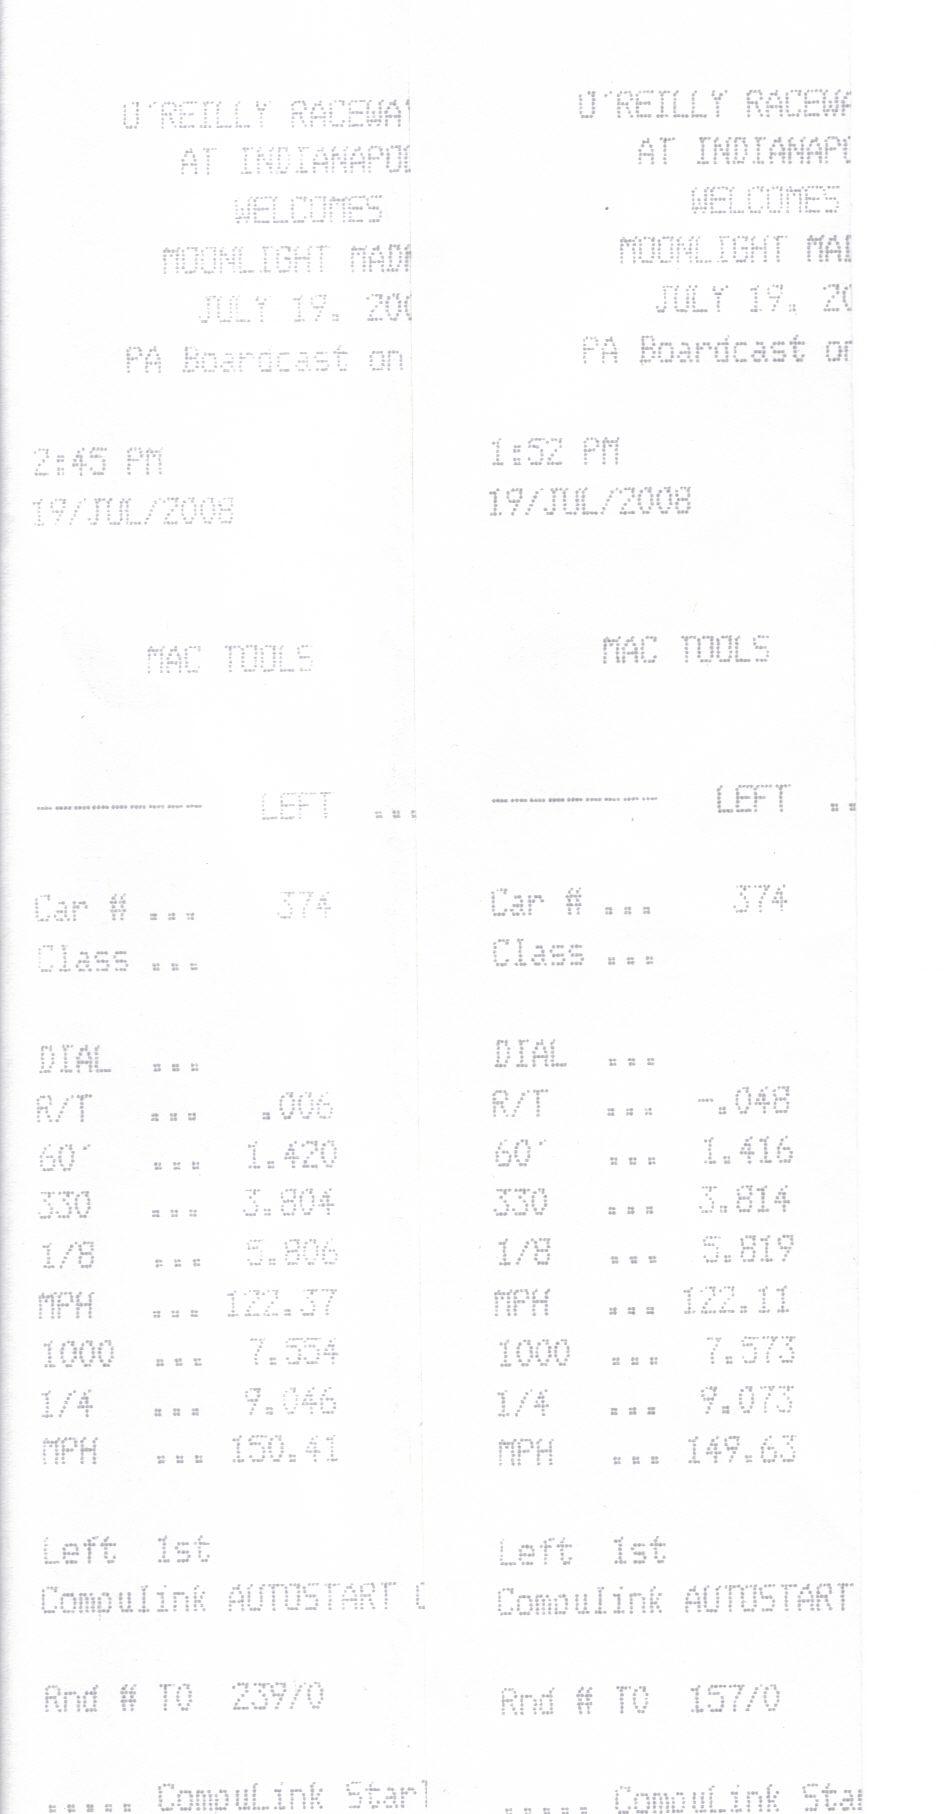 Kawasaki ZX-14 Timeslip Scan